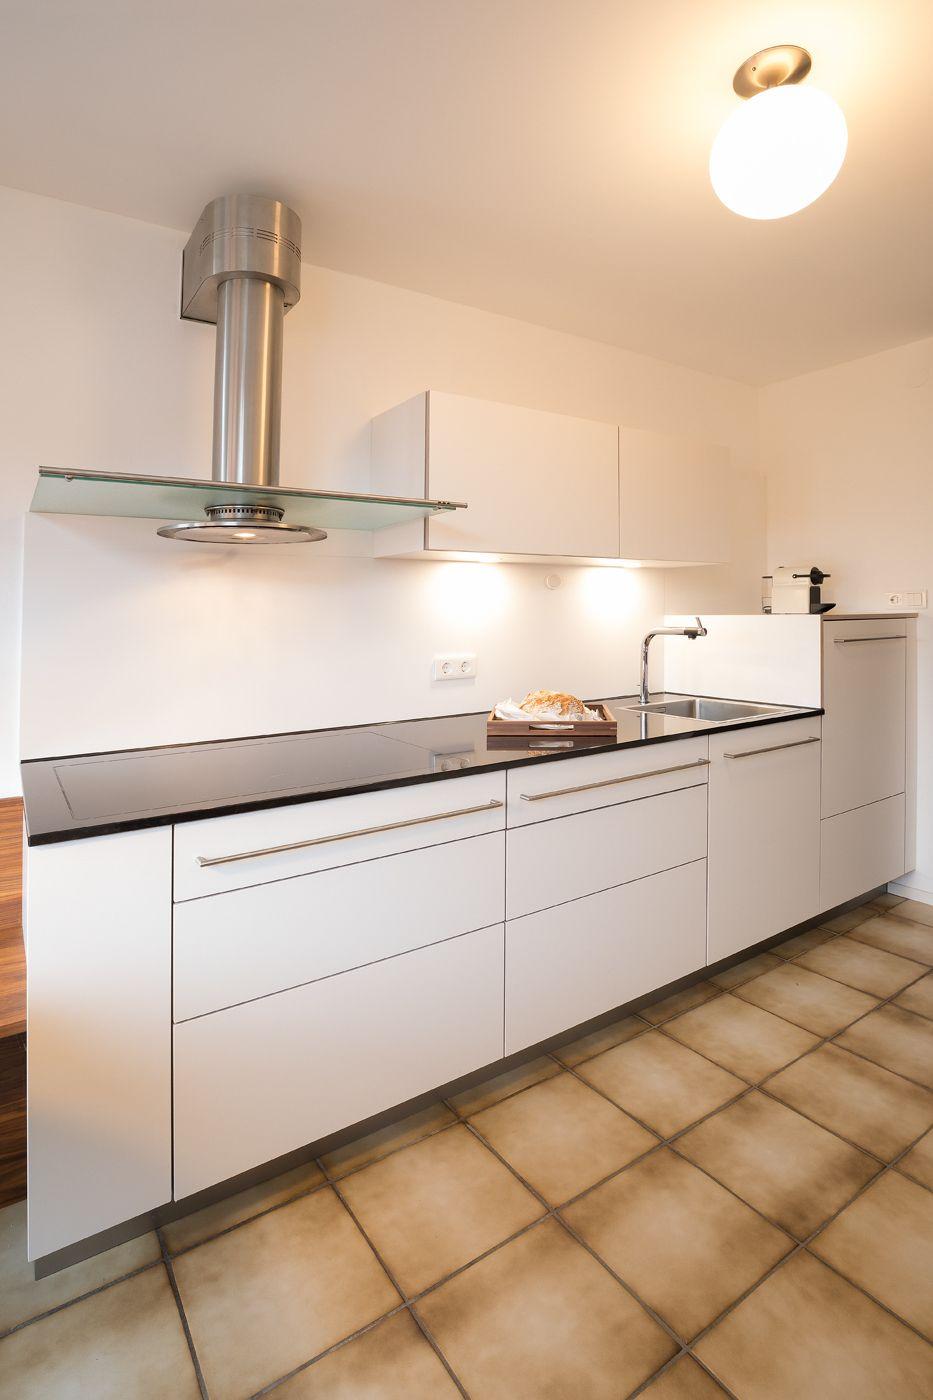 Weiße Küche | Küchenzeile | schlicht | modern | Abzug ...